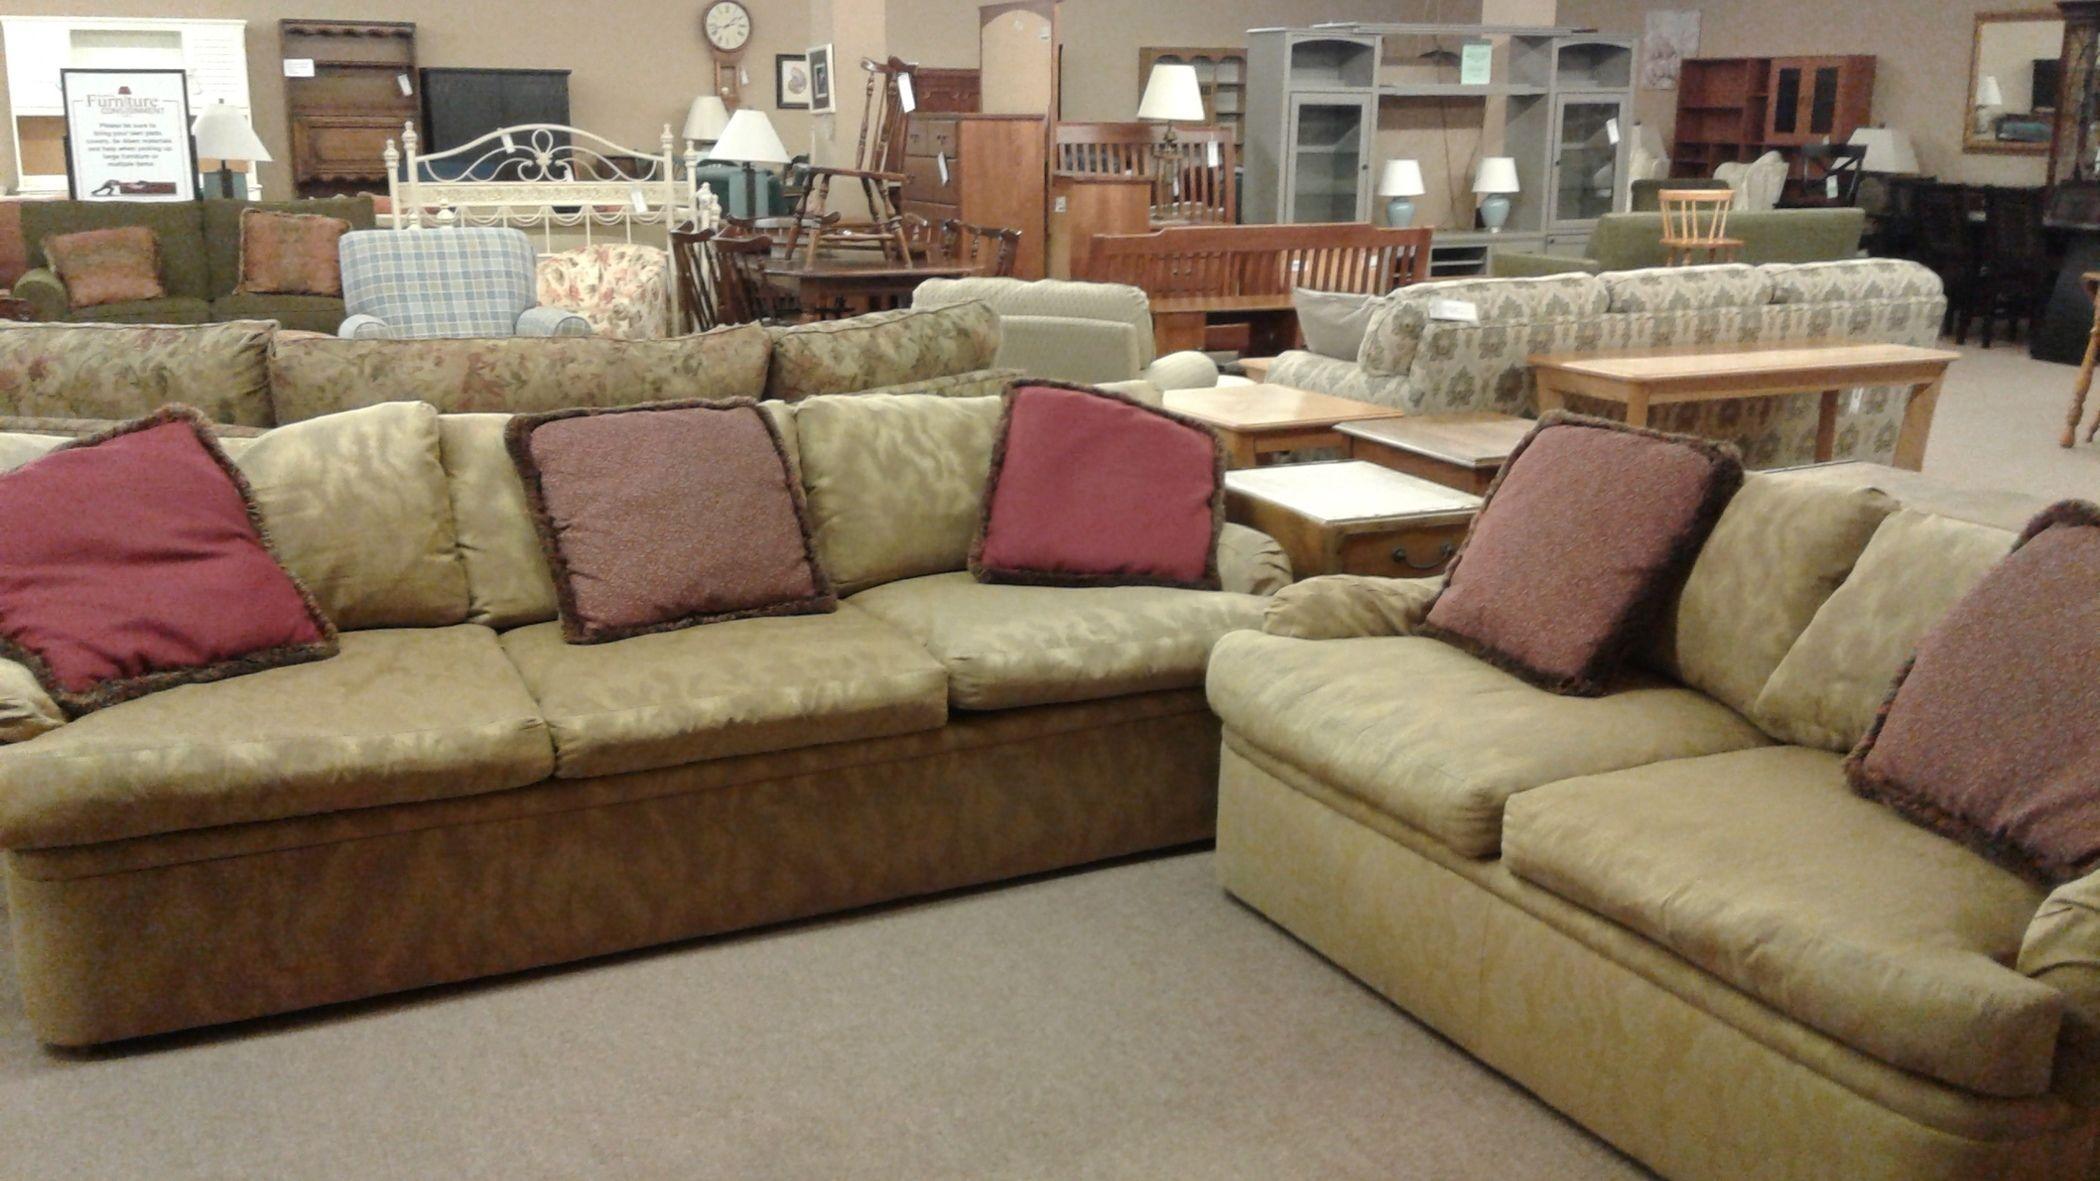 Moire Pattern Sofa Loveseat Delmarva Furniture Consignment - Moire-unique-sofa-design